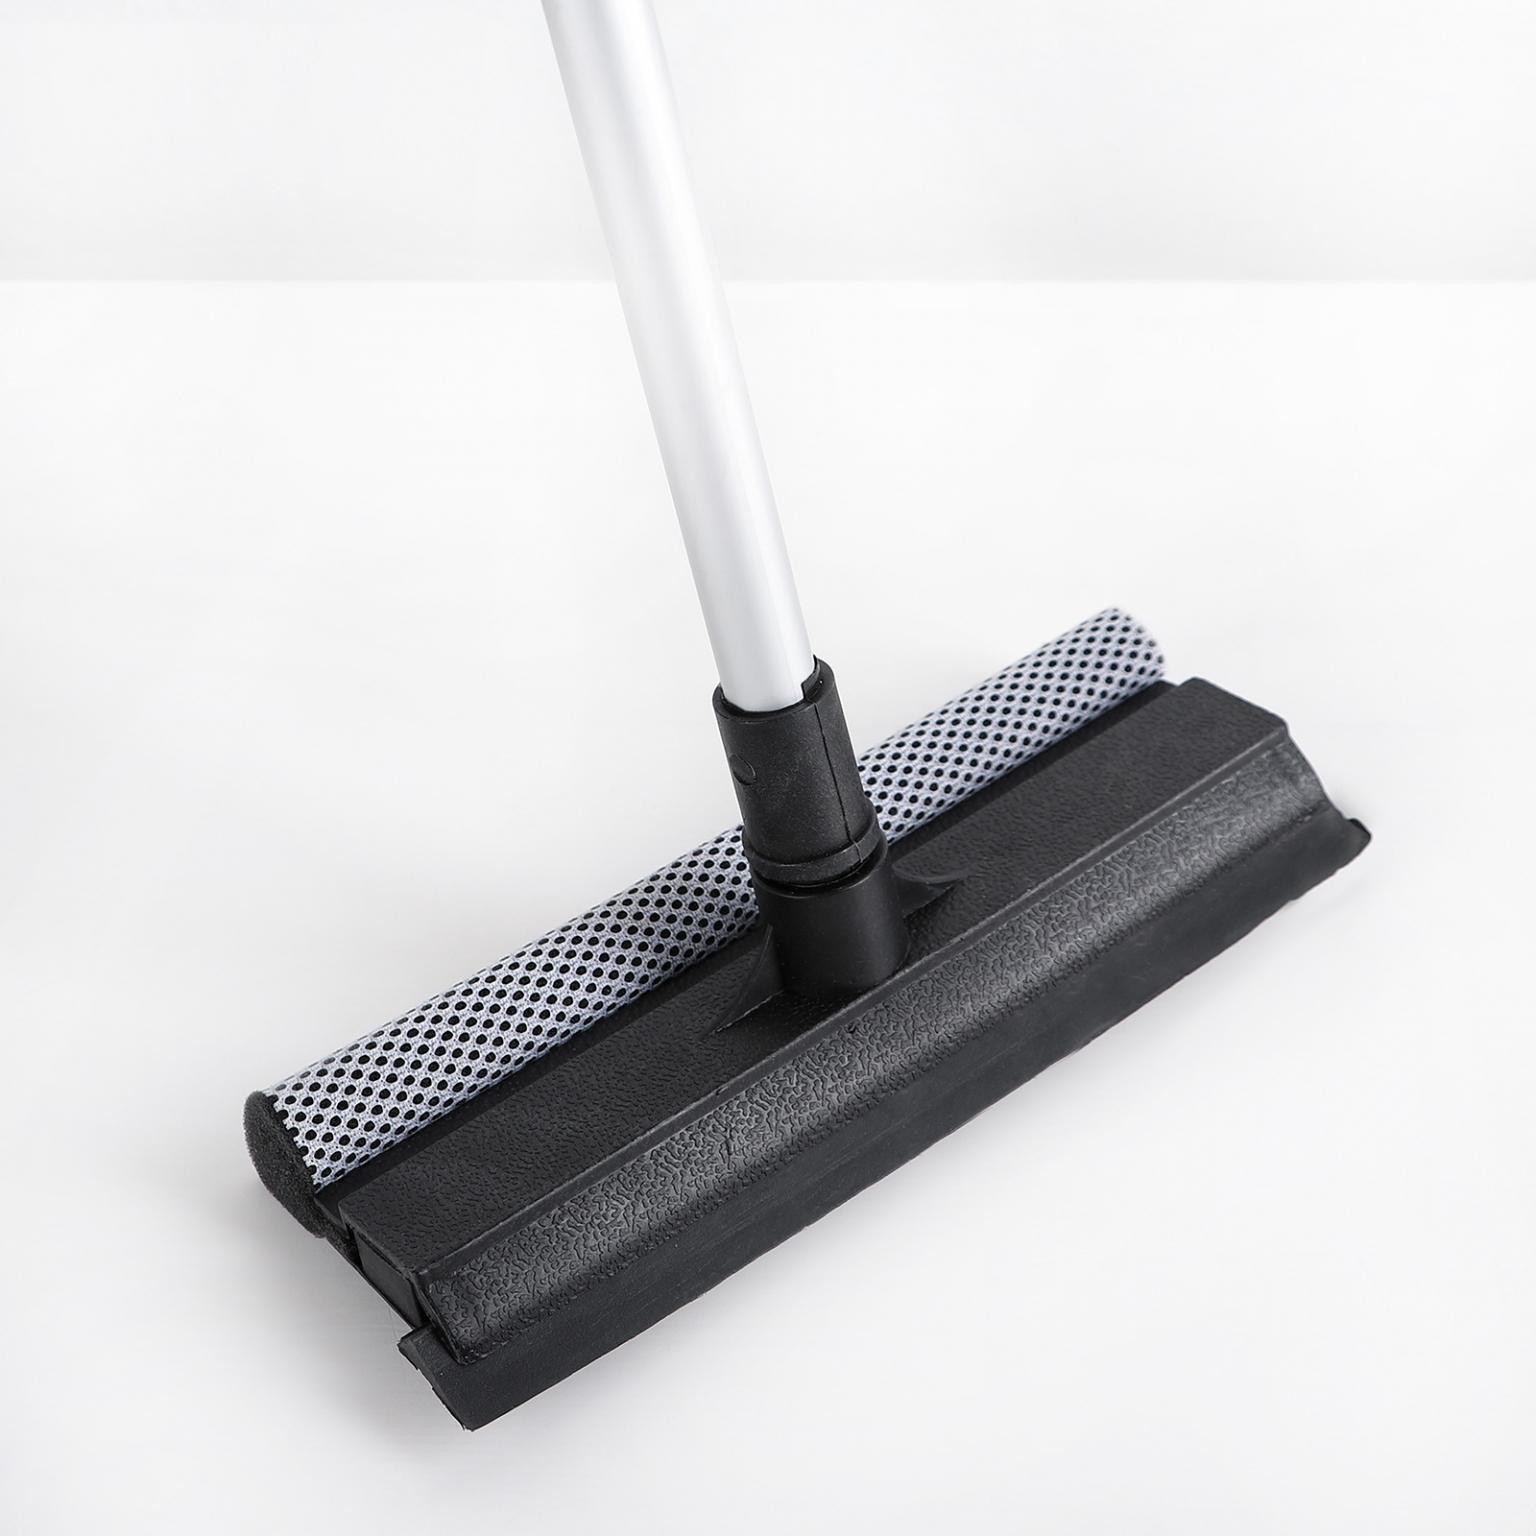 Окномойка с телескопической алюминиевой ручкой и сгоном, 20*8*60(97) см, рабочая поверхность 20 см, поролон